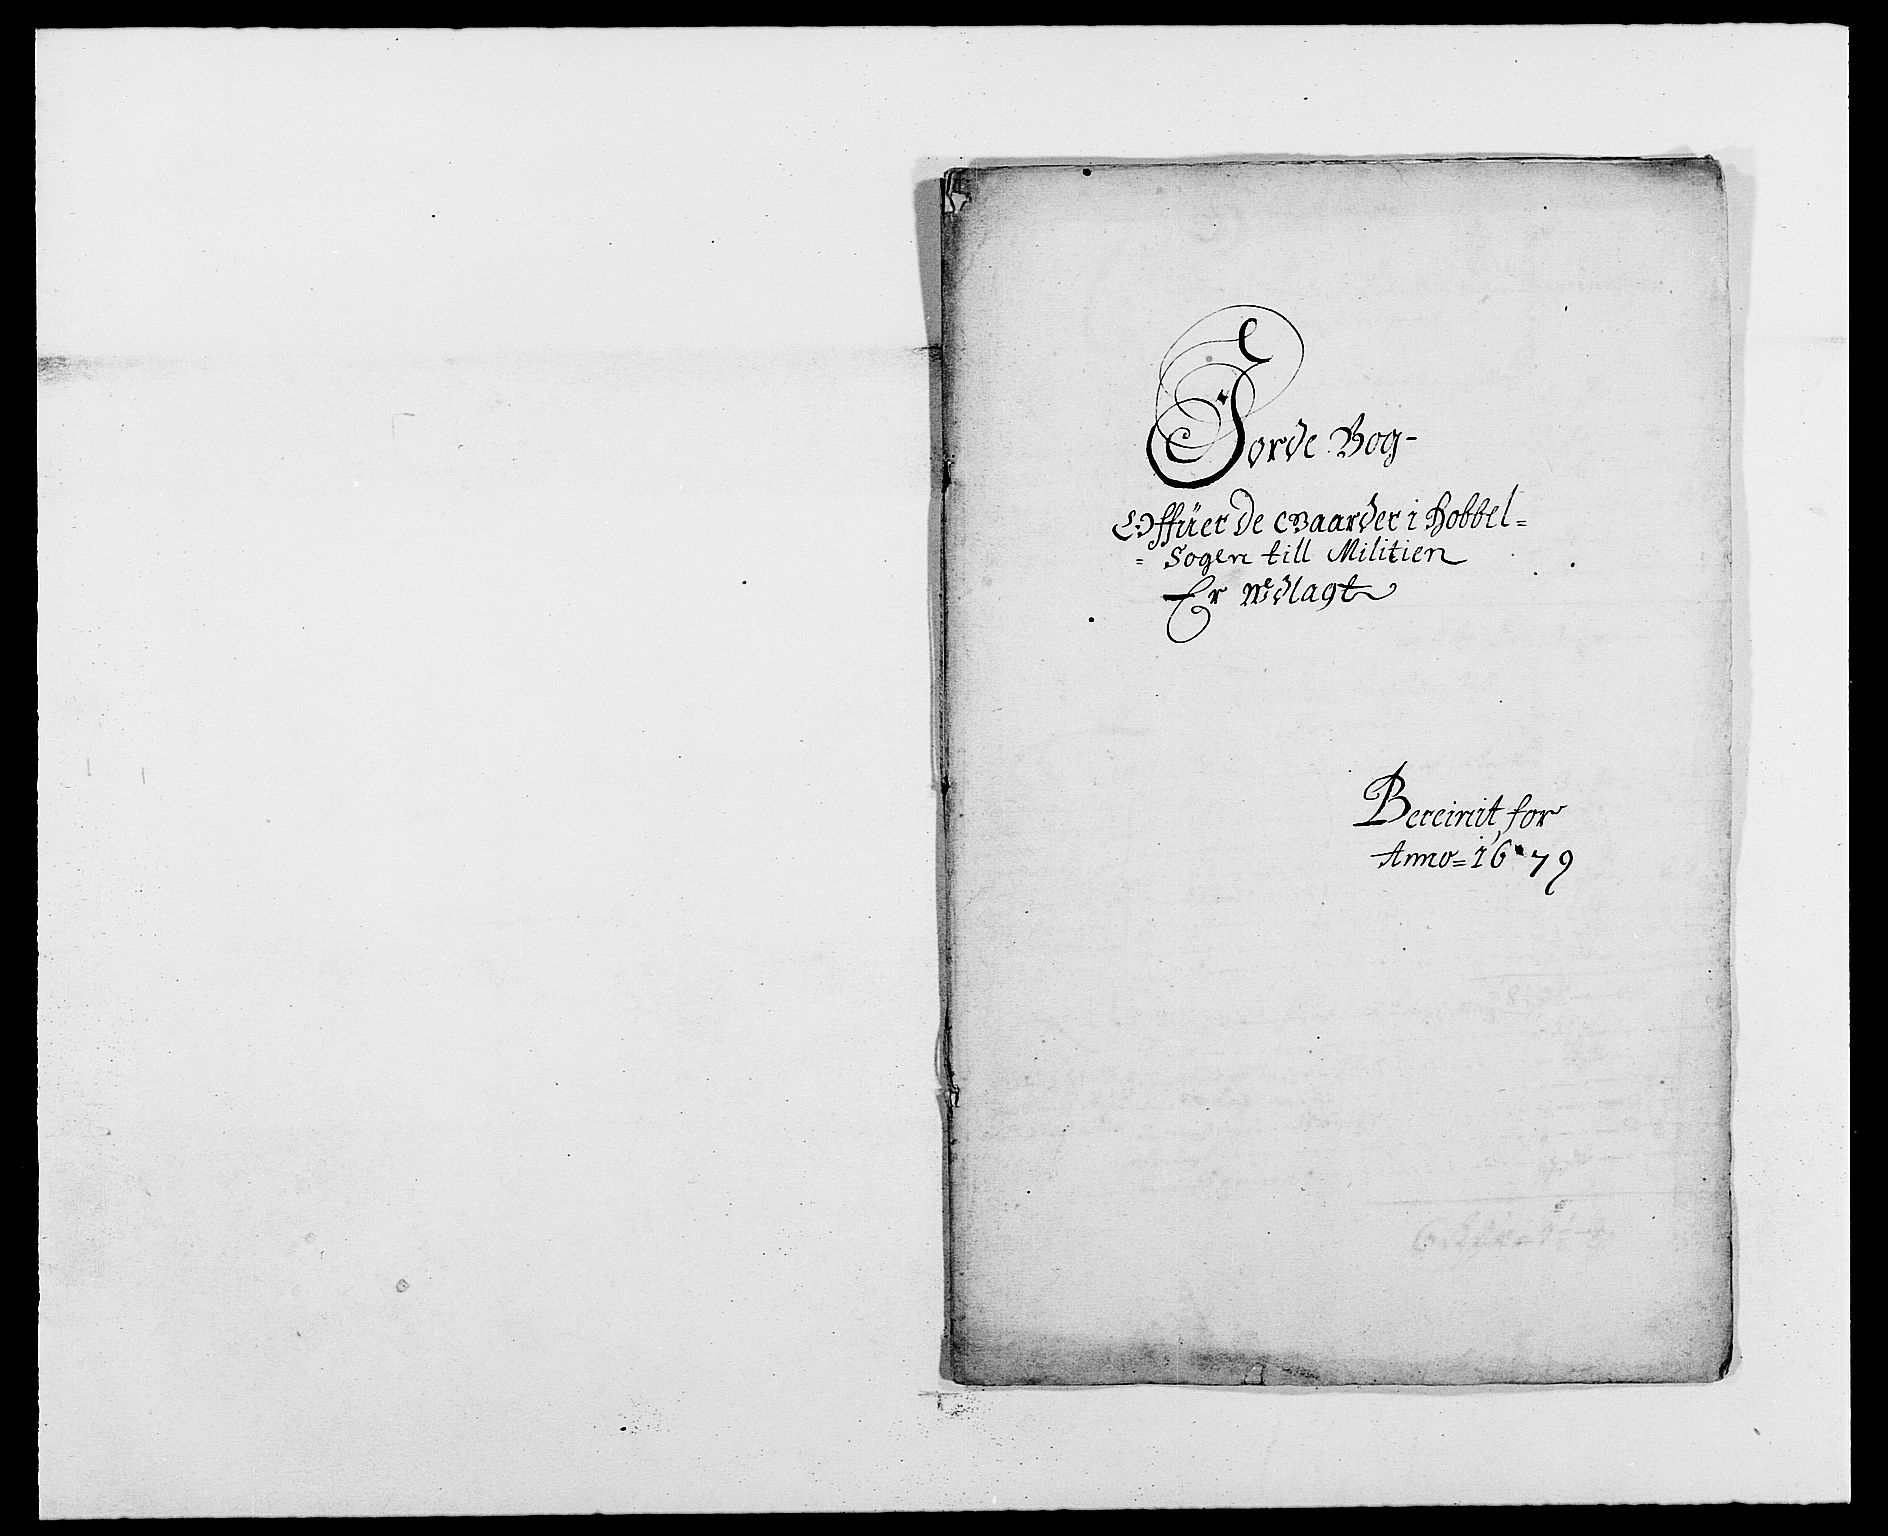 RA, Rentekammeret inntil 1814, Reviderte regnskaper, Fogderegnskap, R02/L0100: Fogderegnskap Moss og Verne kloster, 1679, s. 307